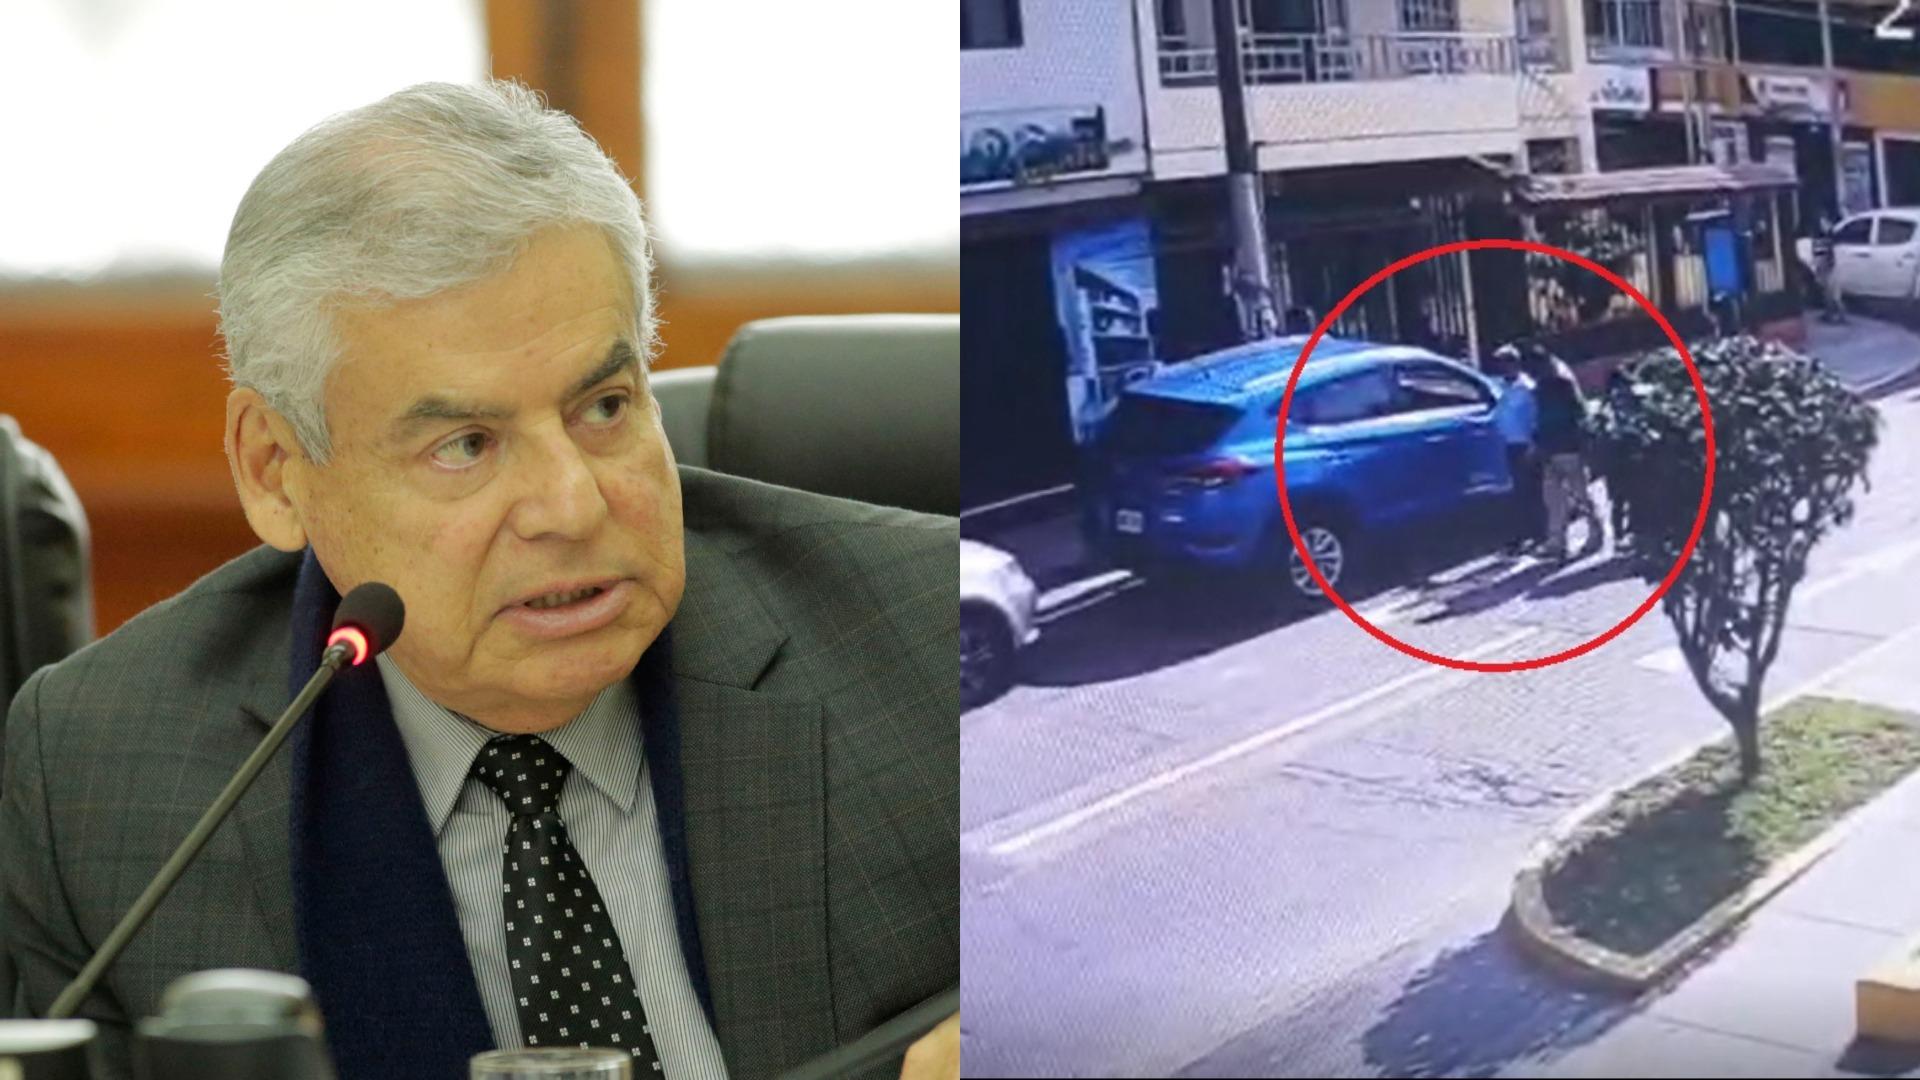 Los agentes de la DIVIAC detuvieron este martes a César Villanueva, exjefe del gabinete ministerial de Martín Vizcarra, en un restaurante de Los Olivos.